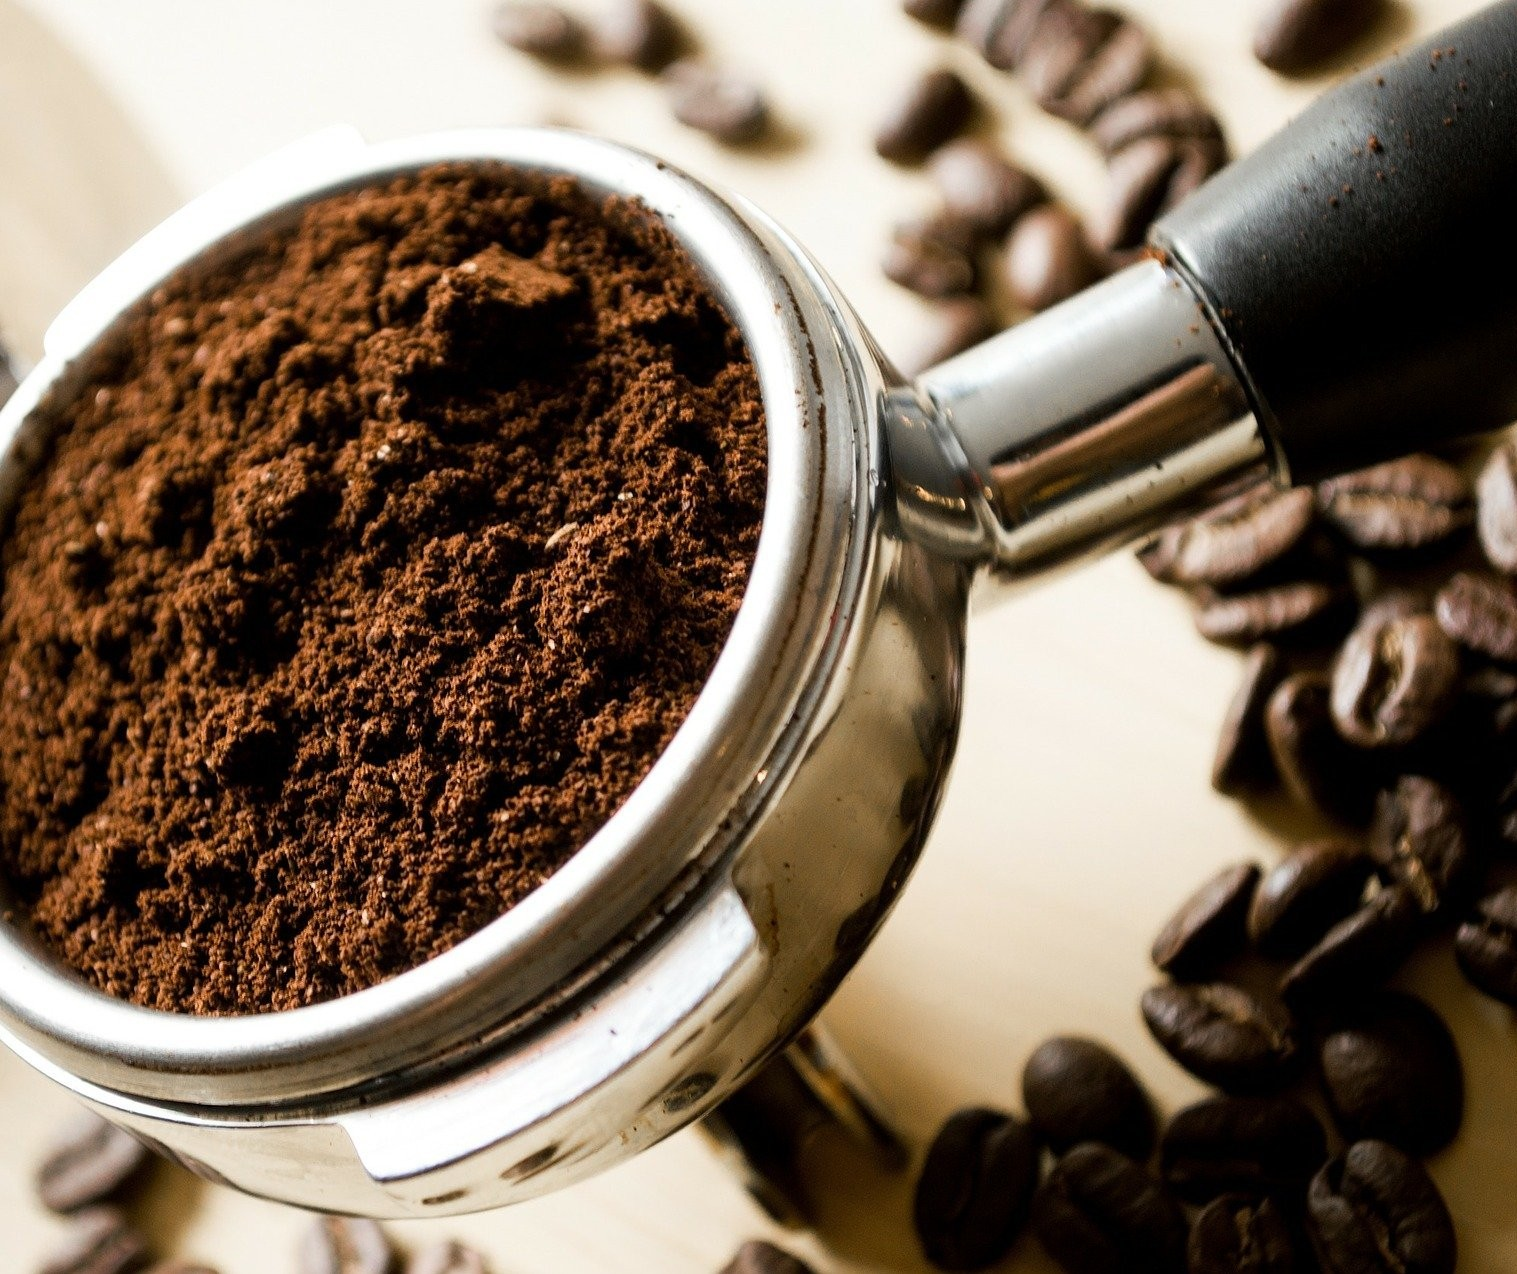 Café em coco custa R$ 8,05 o quilo